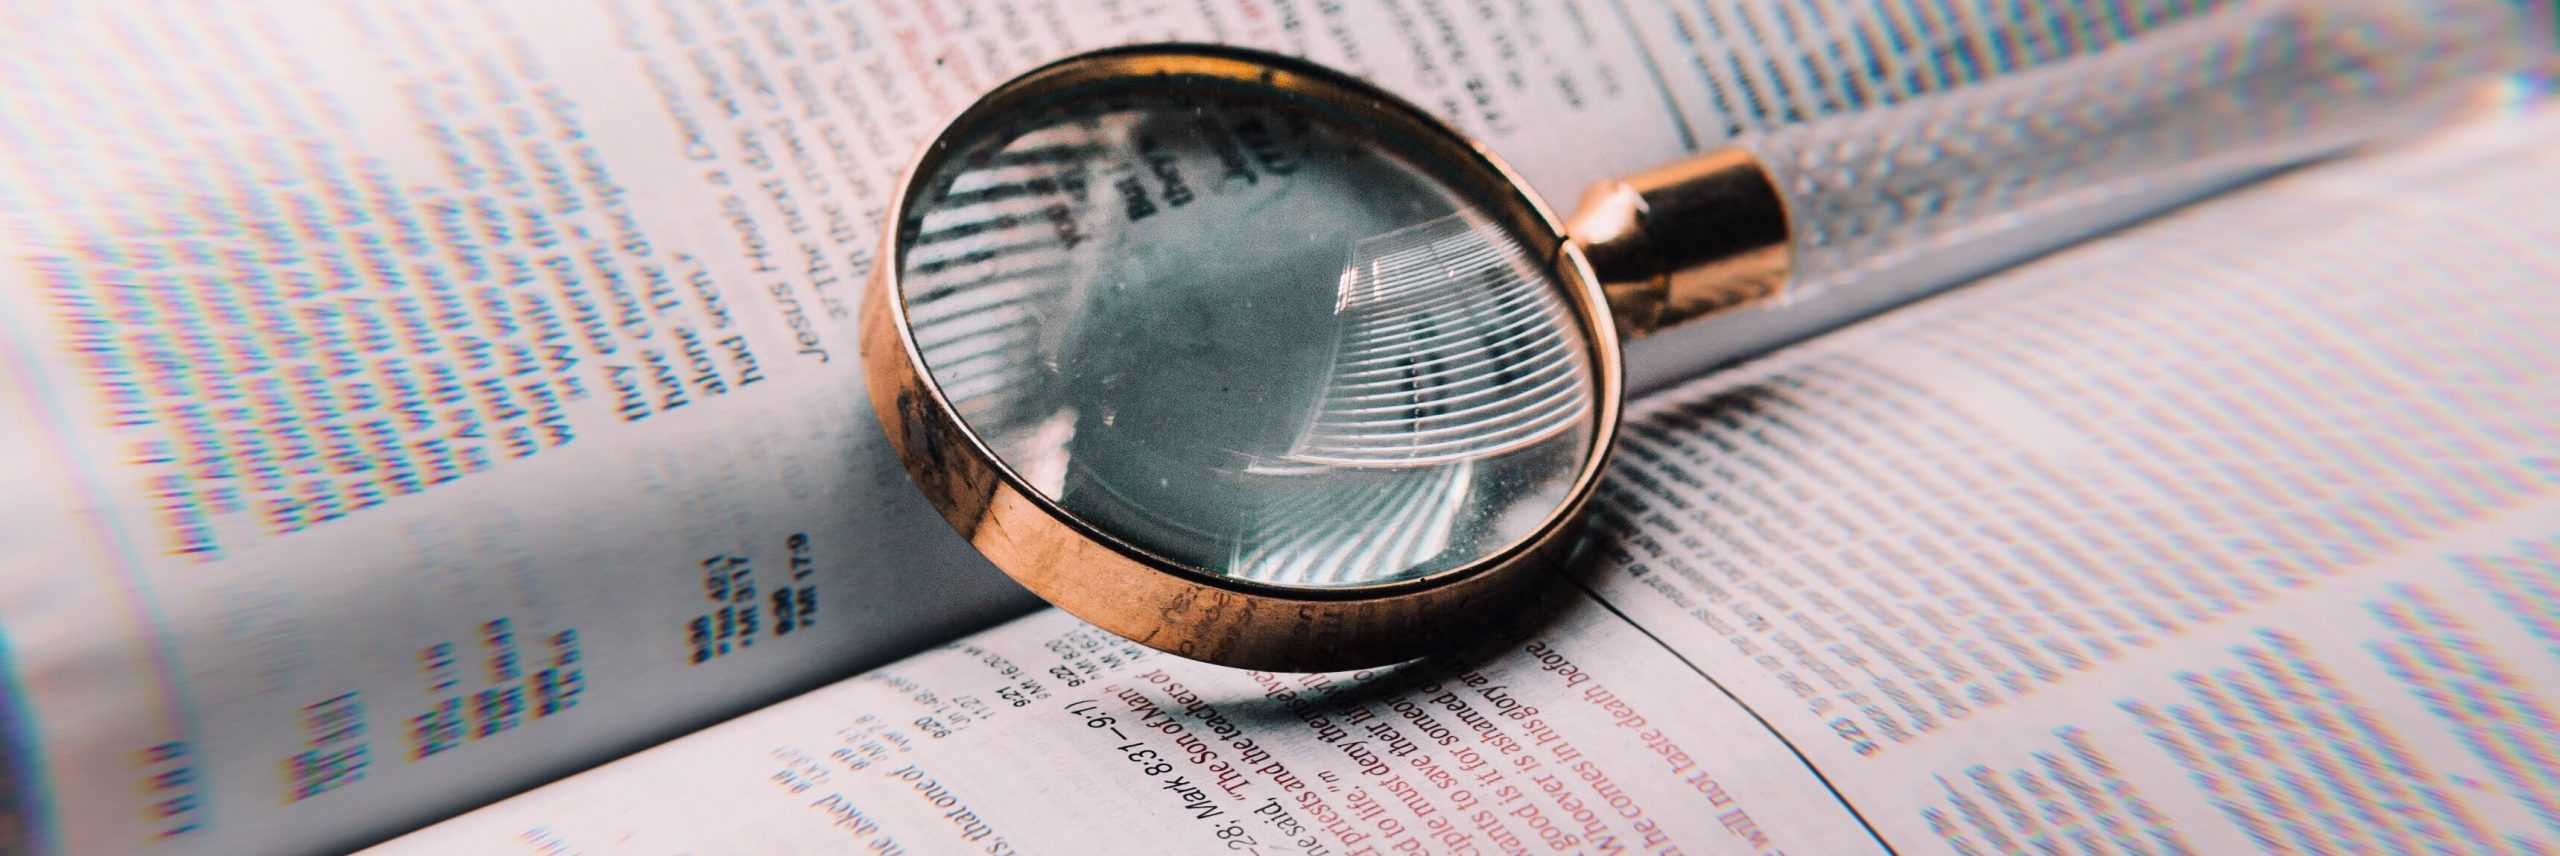 Eine Datenschutzerklärung sollte zur Information der Betroffenen erstellt werden.